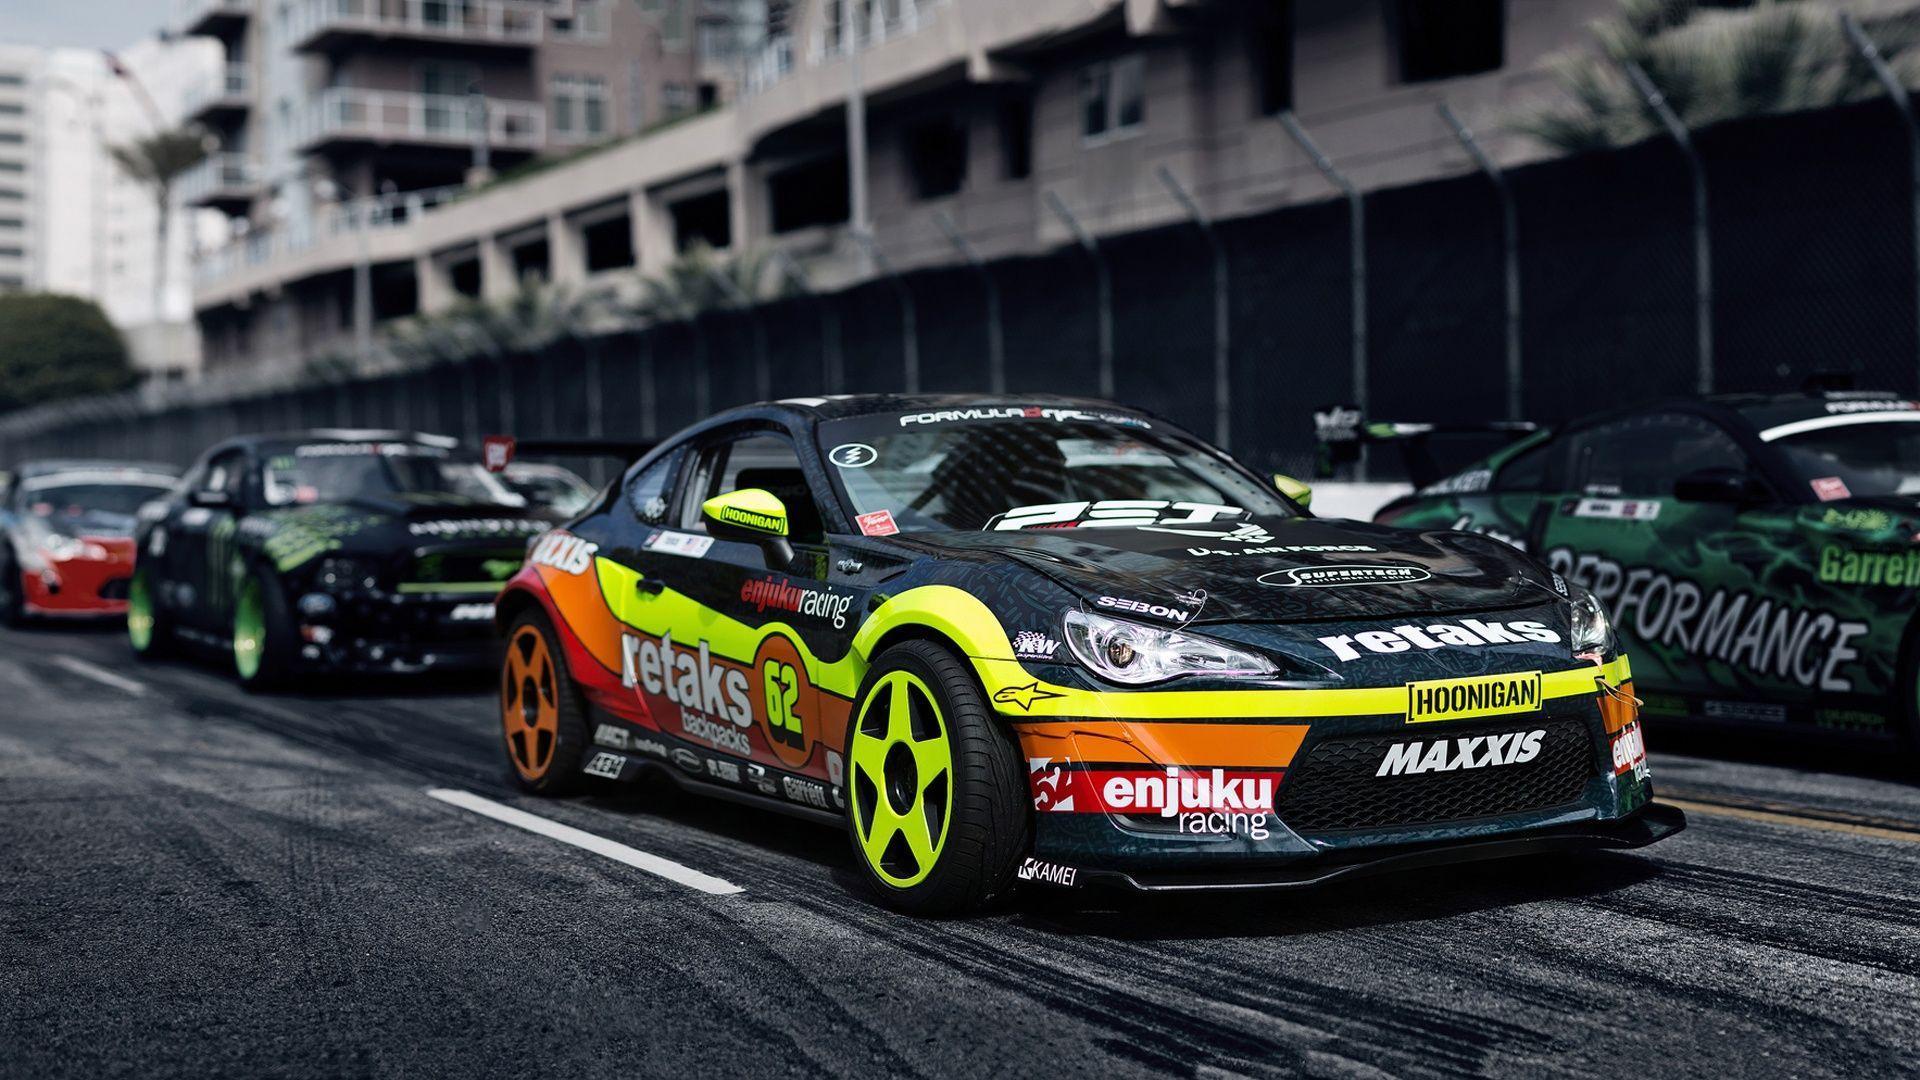 Formula Drift Wallpapers Top Free Formula Drift Backgrounds